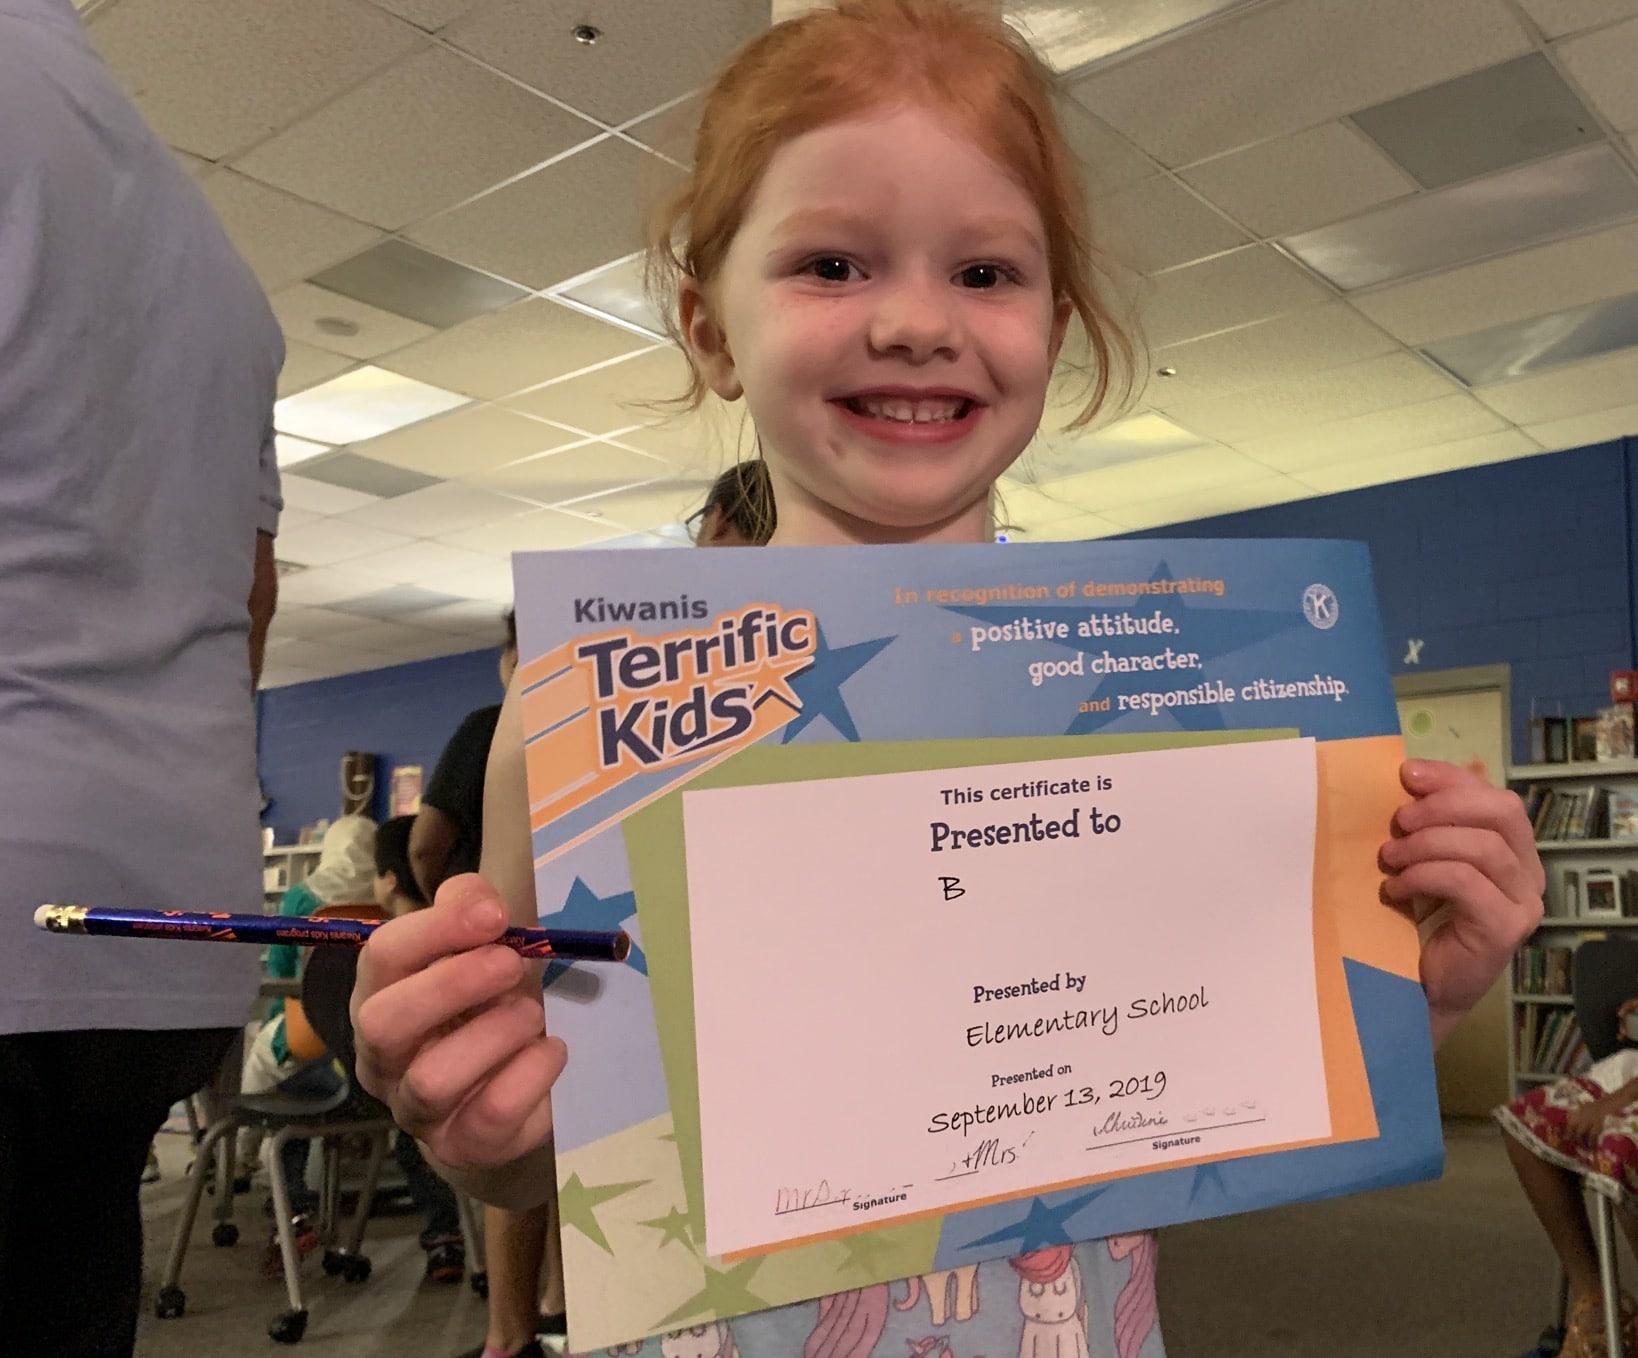 B Terrific Kid